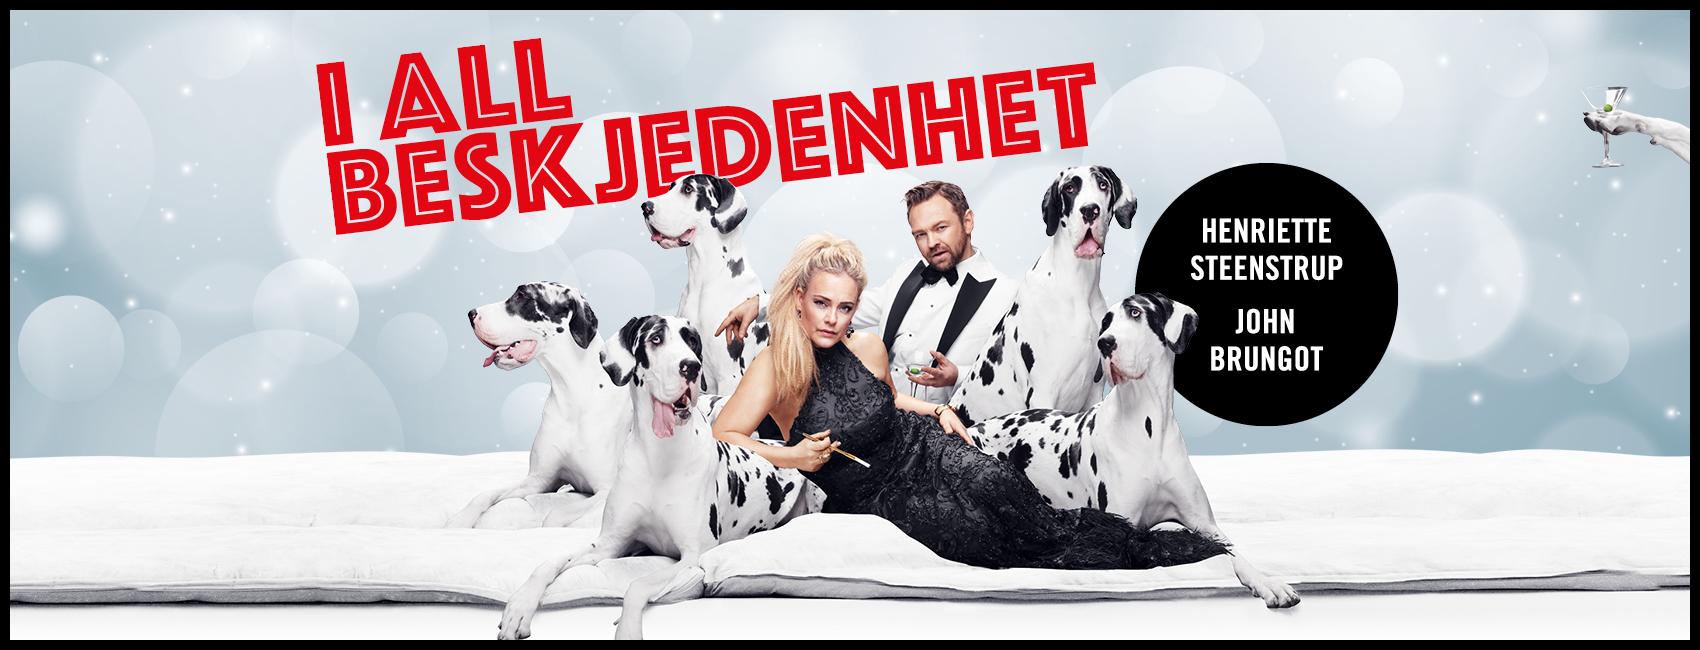 I-all-beskjedenhet-Edderkoppen-Scene-Henriette-Steenstrup-John-Brungot